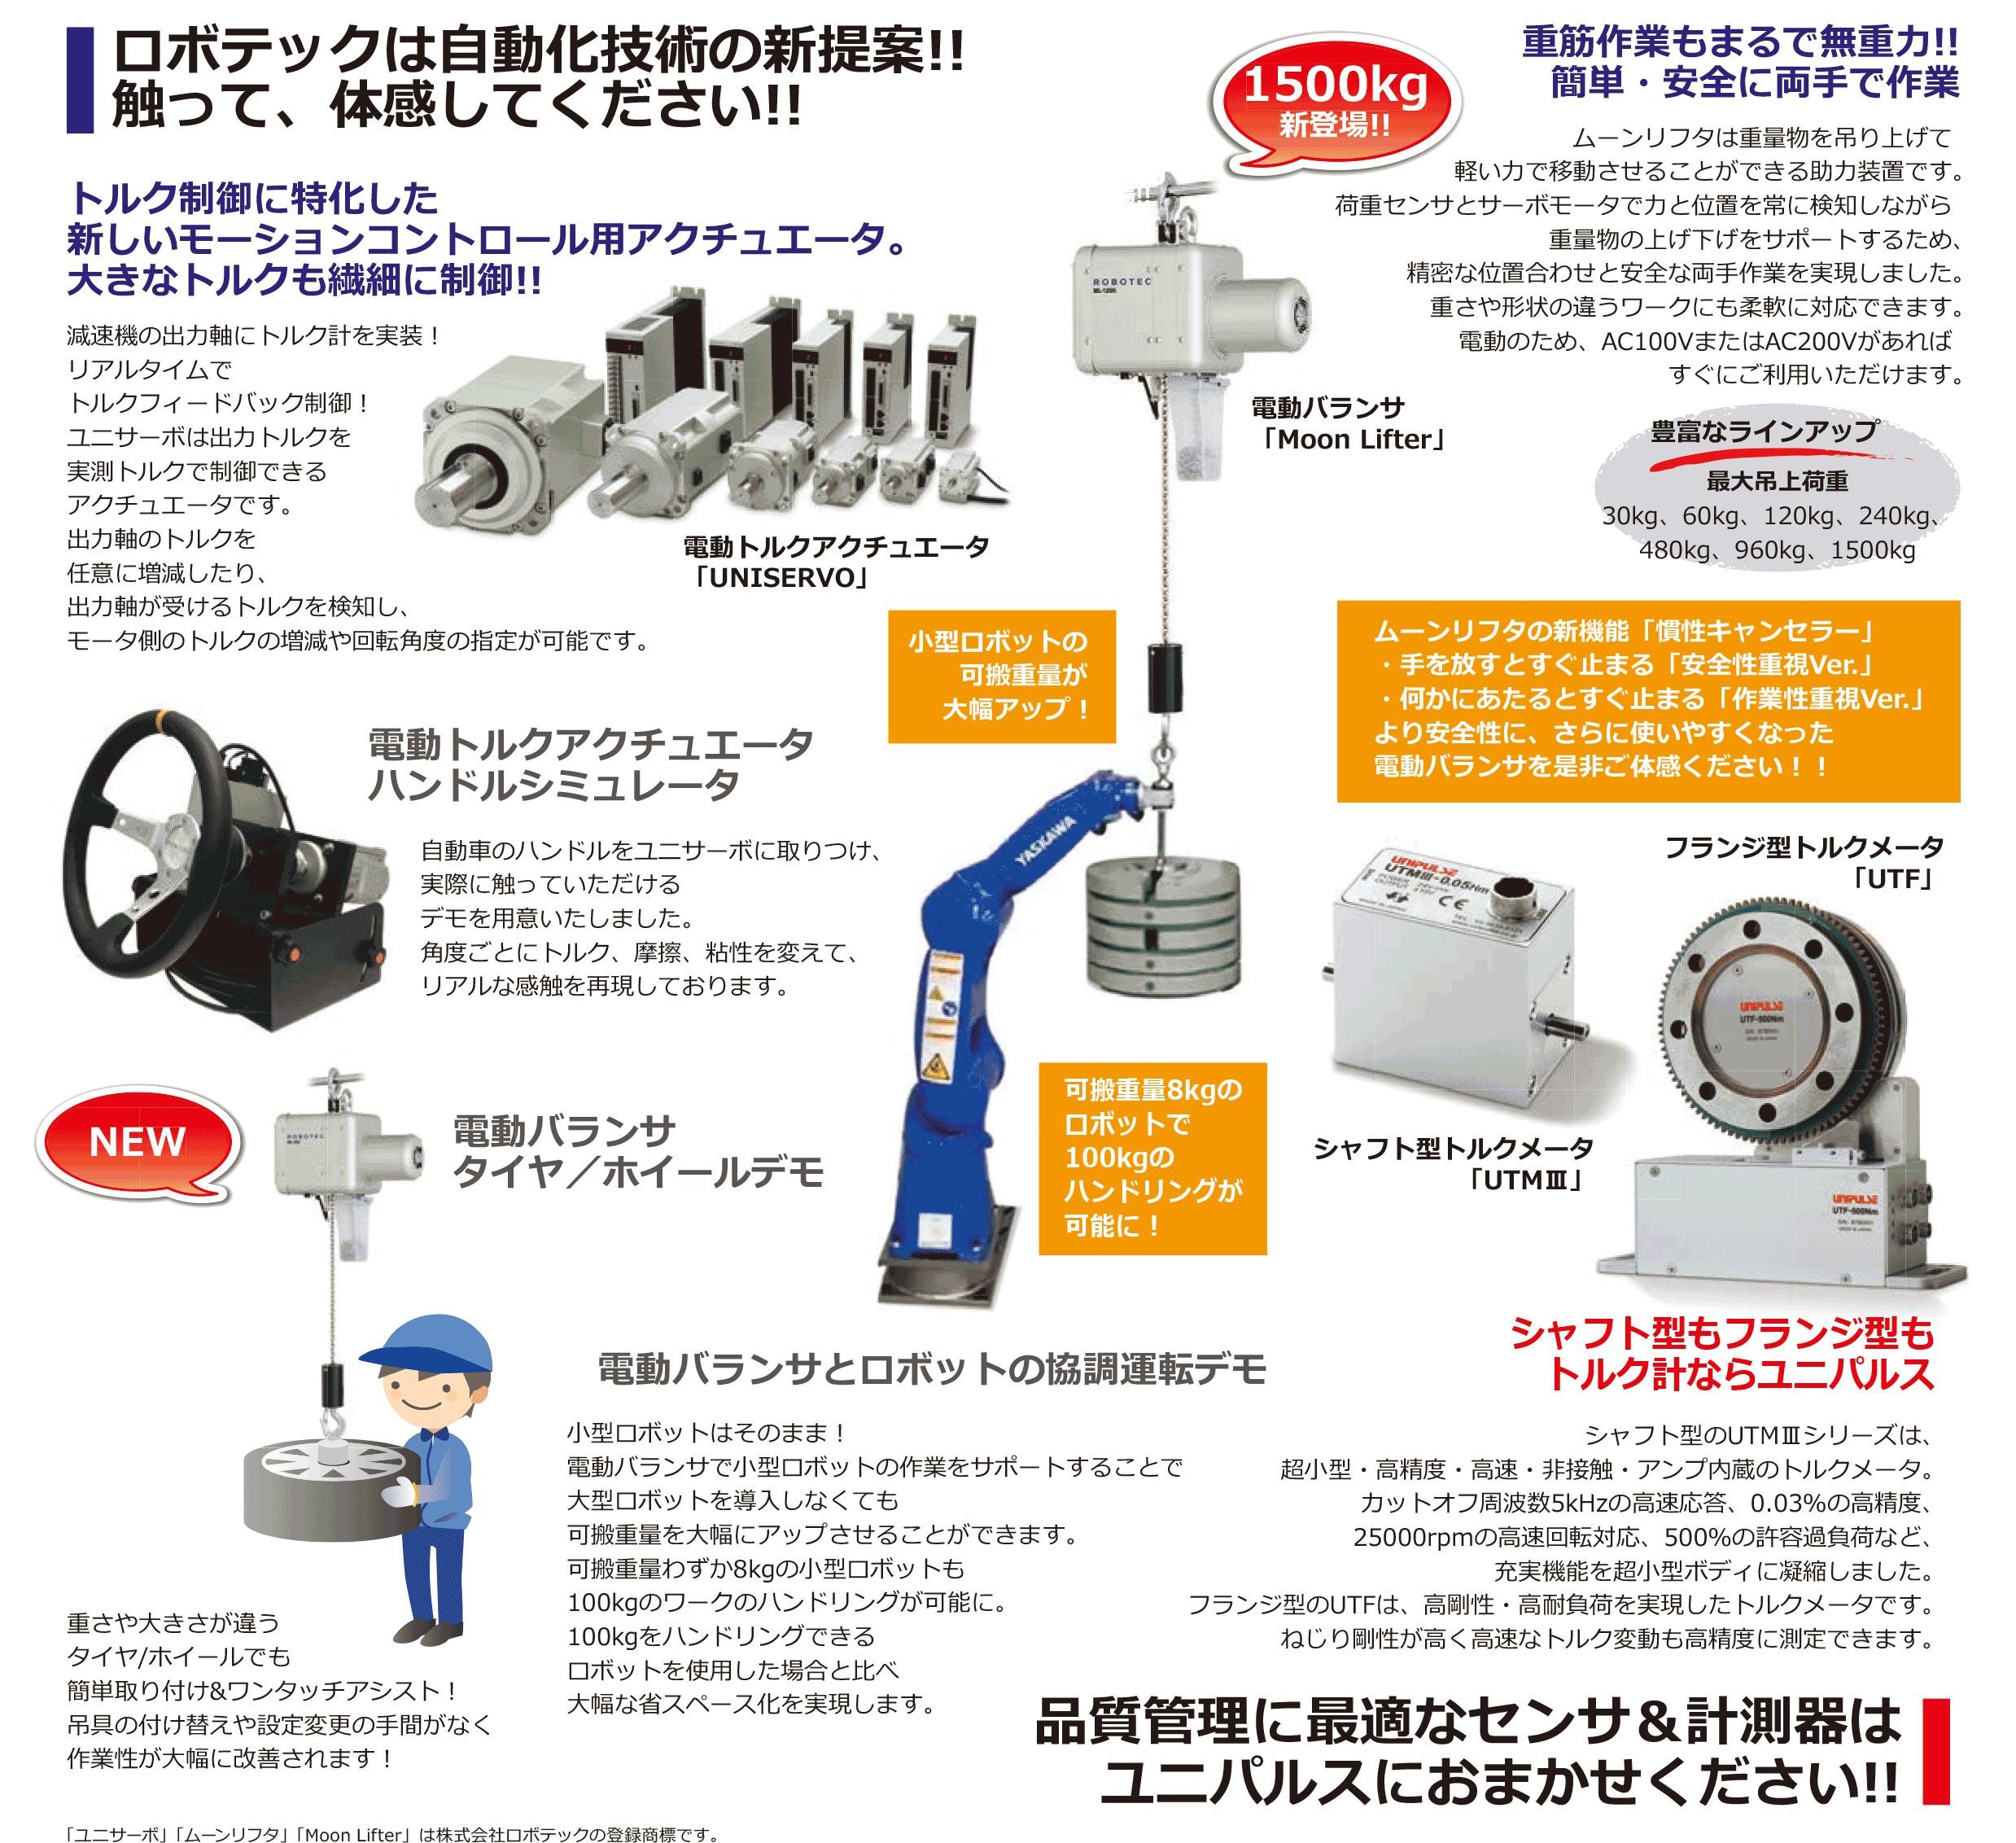 ロボデックス2021_製品情報